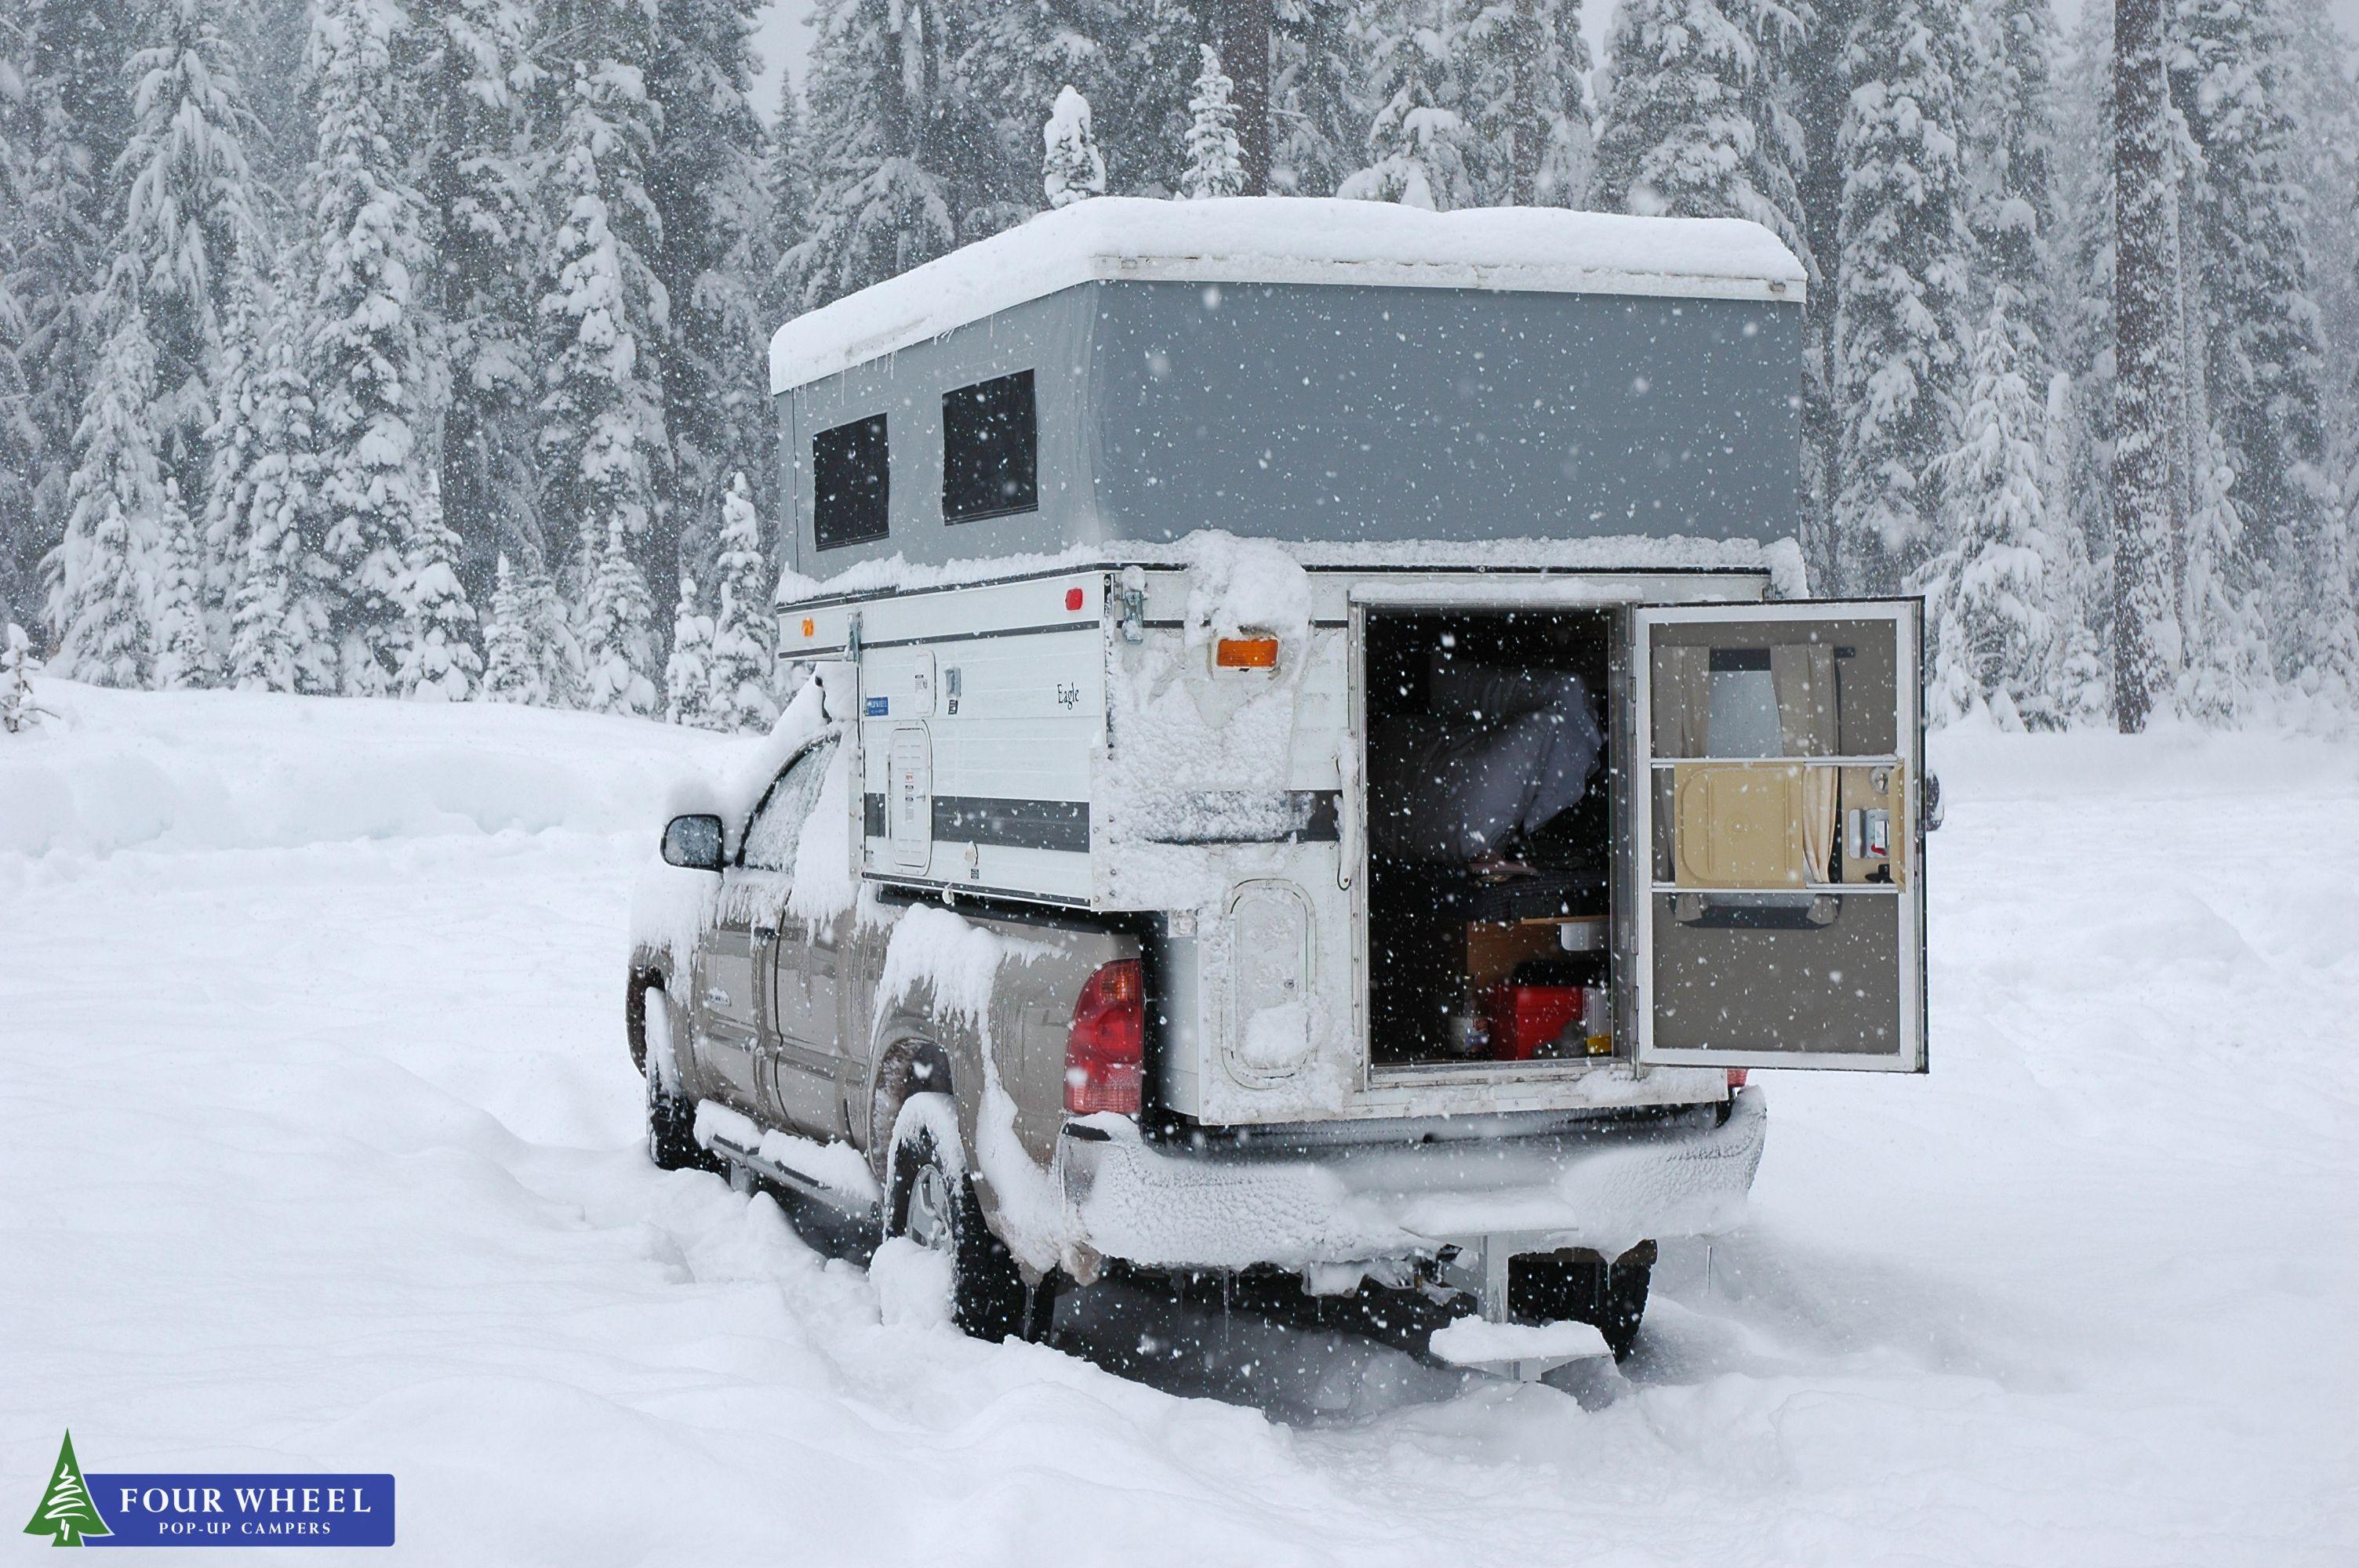 Campers For Overlanding Overlandcampers Popuptruckcampers Pickuptruckcampers Slideintruckcampers Pop Up Truck Campers Truck Camper Slide In Truck Campers